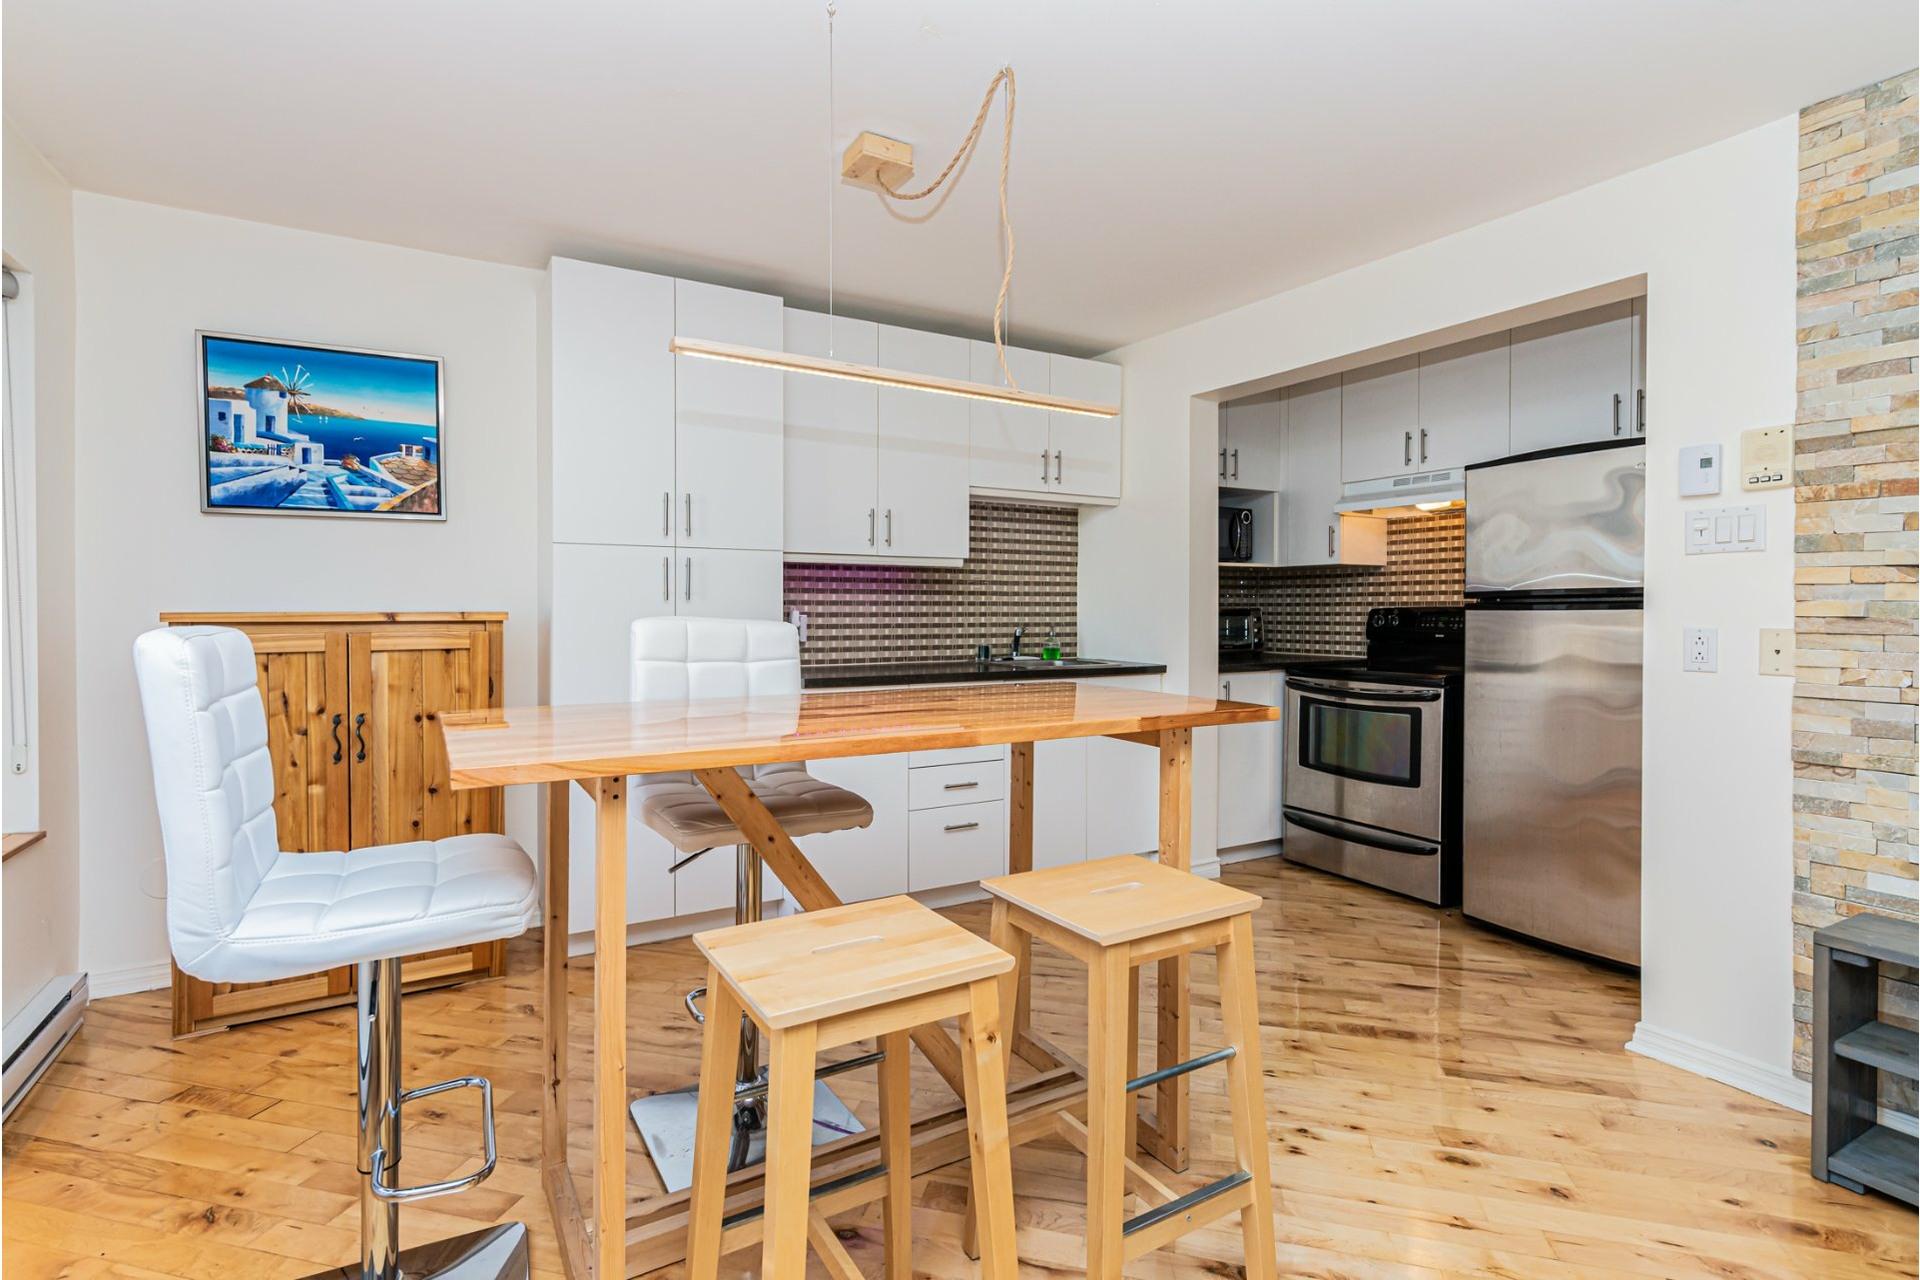 image 4 - Appartement À louer Lachine Montréal  - 4 pièces